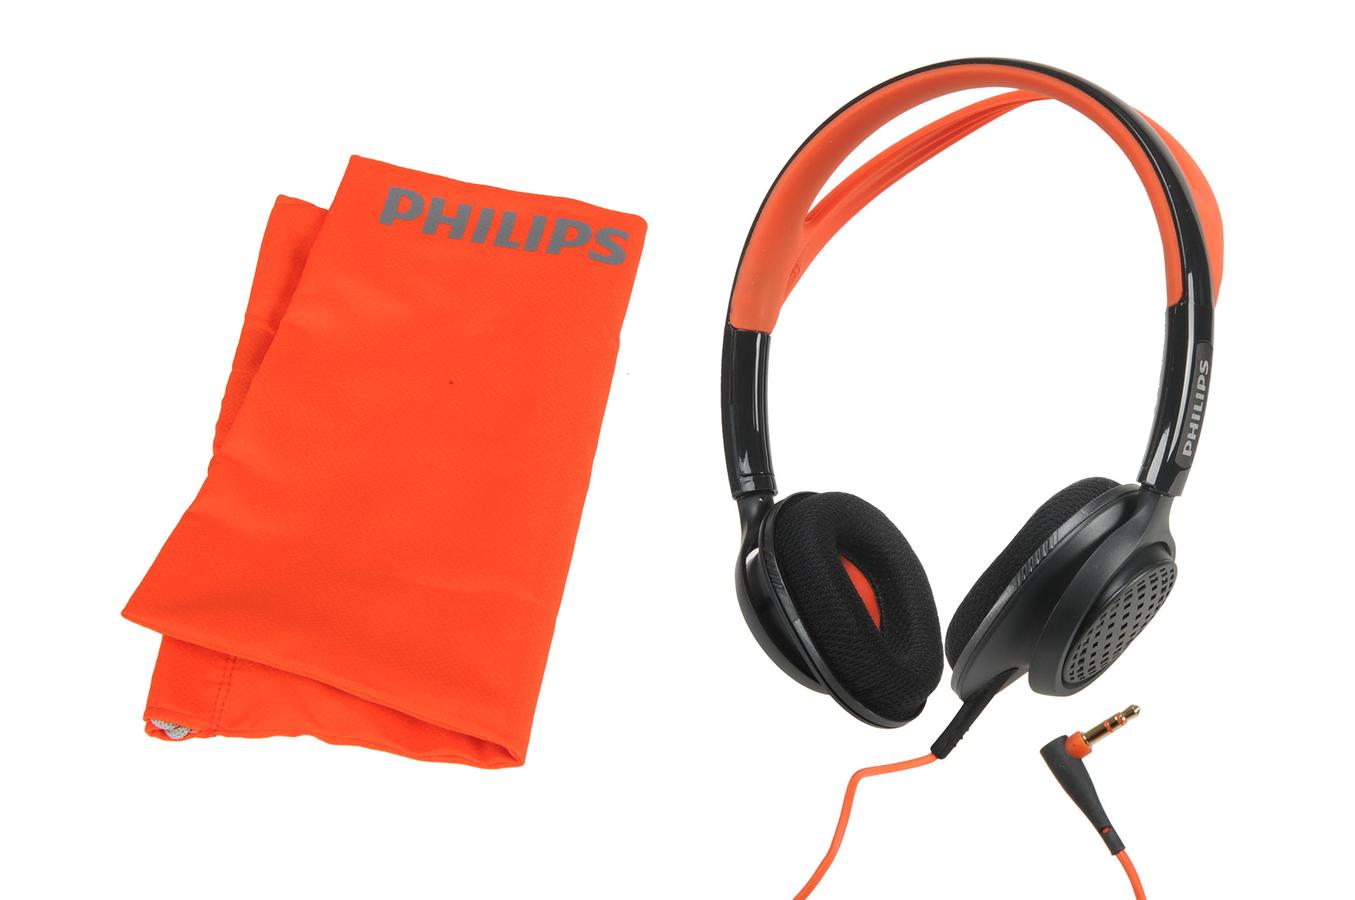 casque audio pour le sport les casques audio pour le. Black Bedroom Furniture Sets. Home Design Ideas